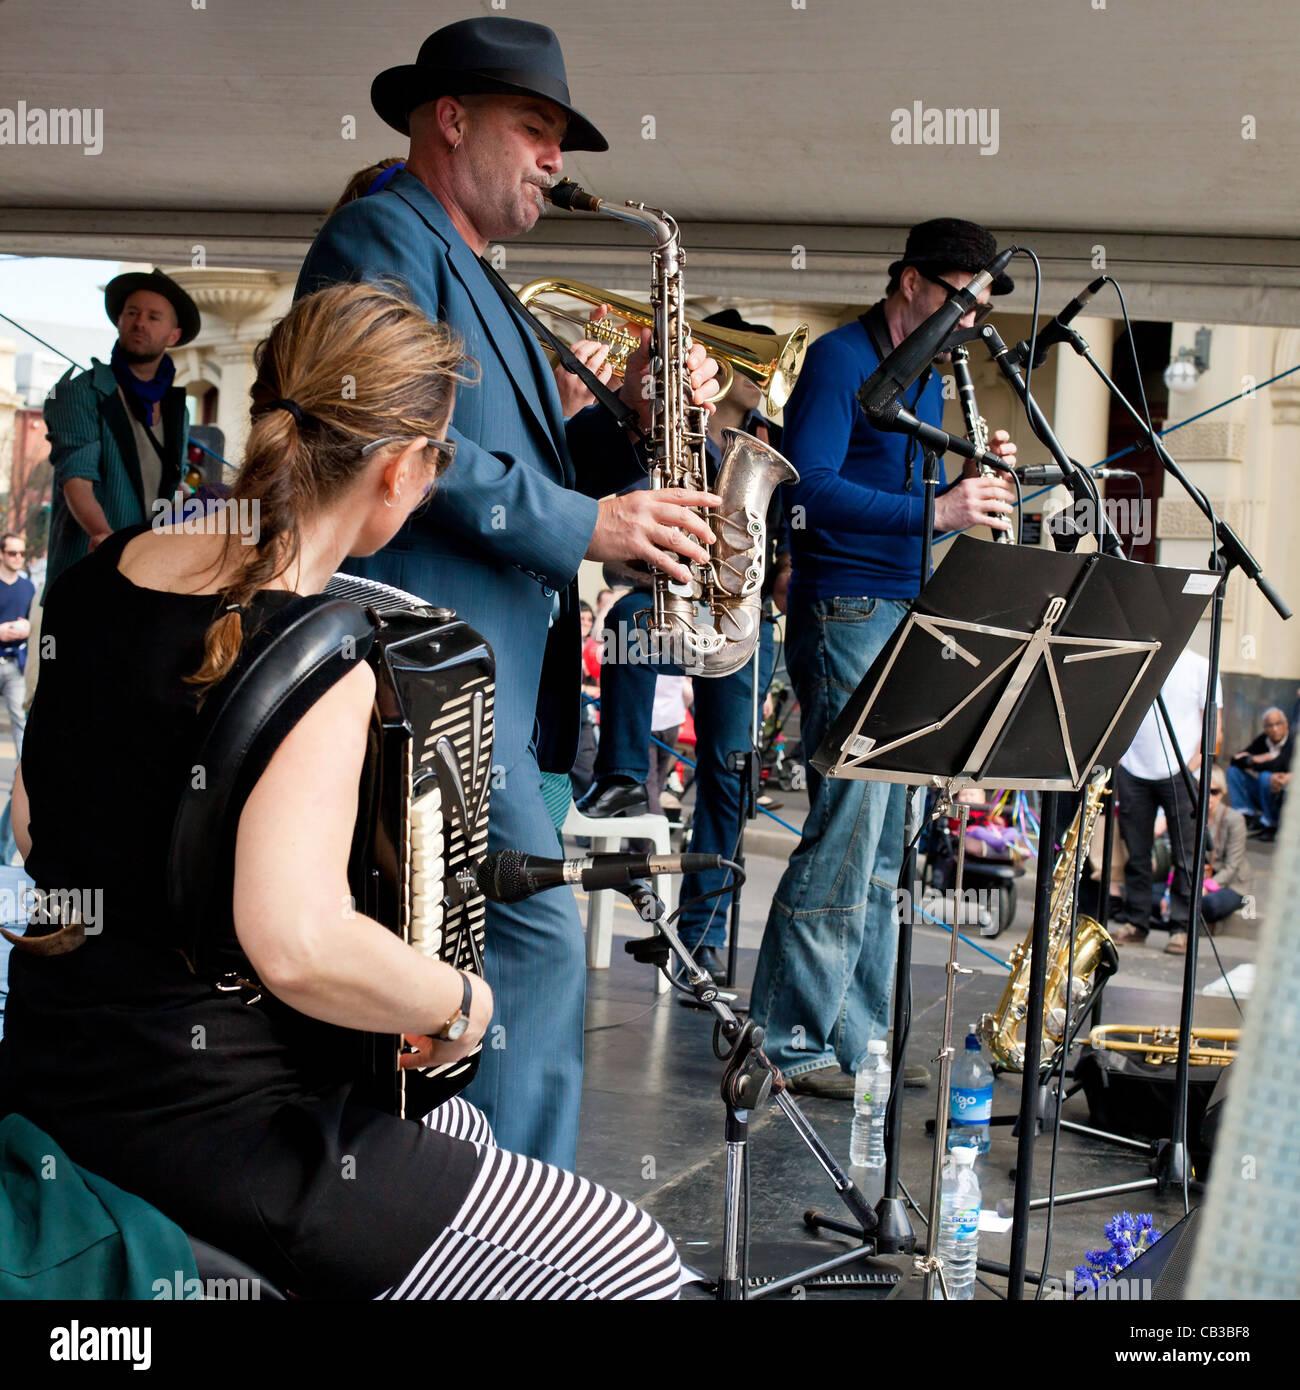 High Noon es un festival comunitario local Northcote Music Fest en Melbourne, Australia, banda tocando en el escenario Foto de stock